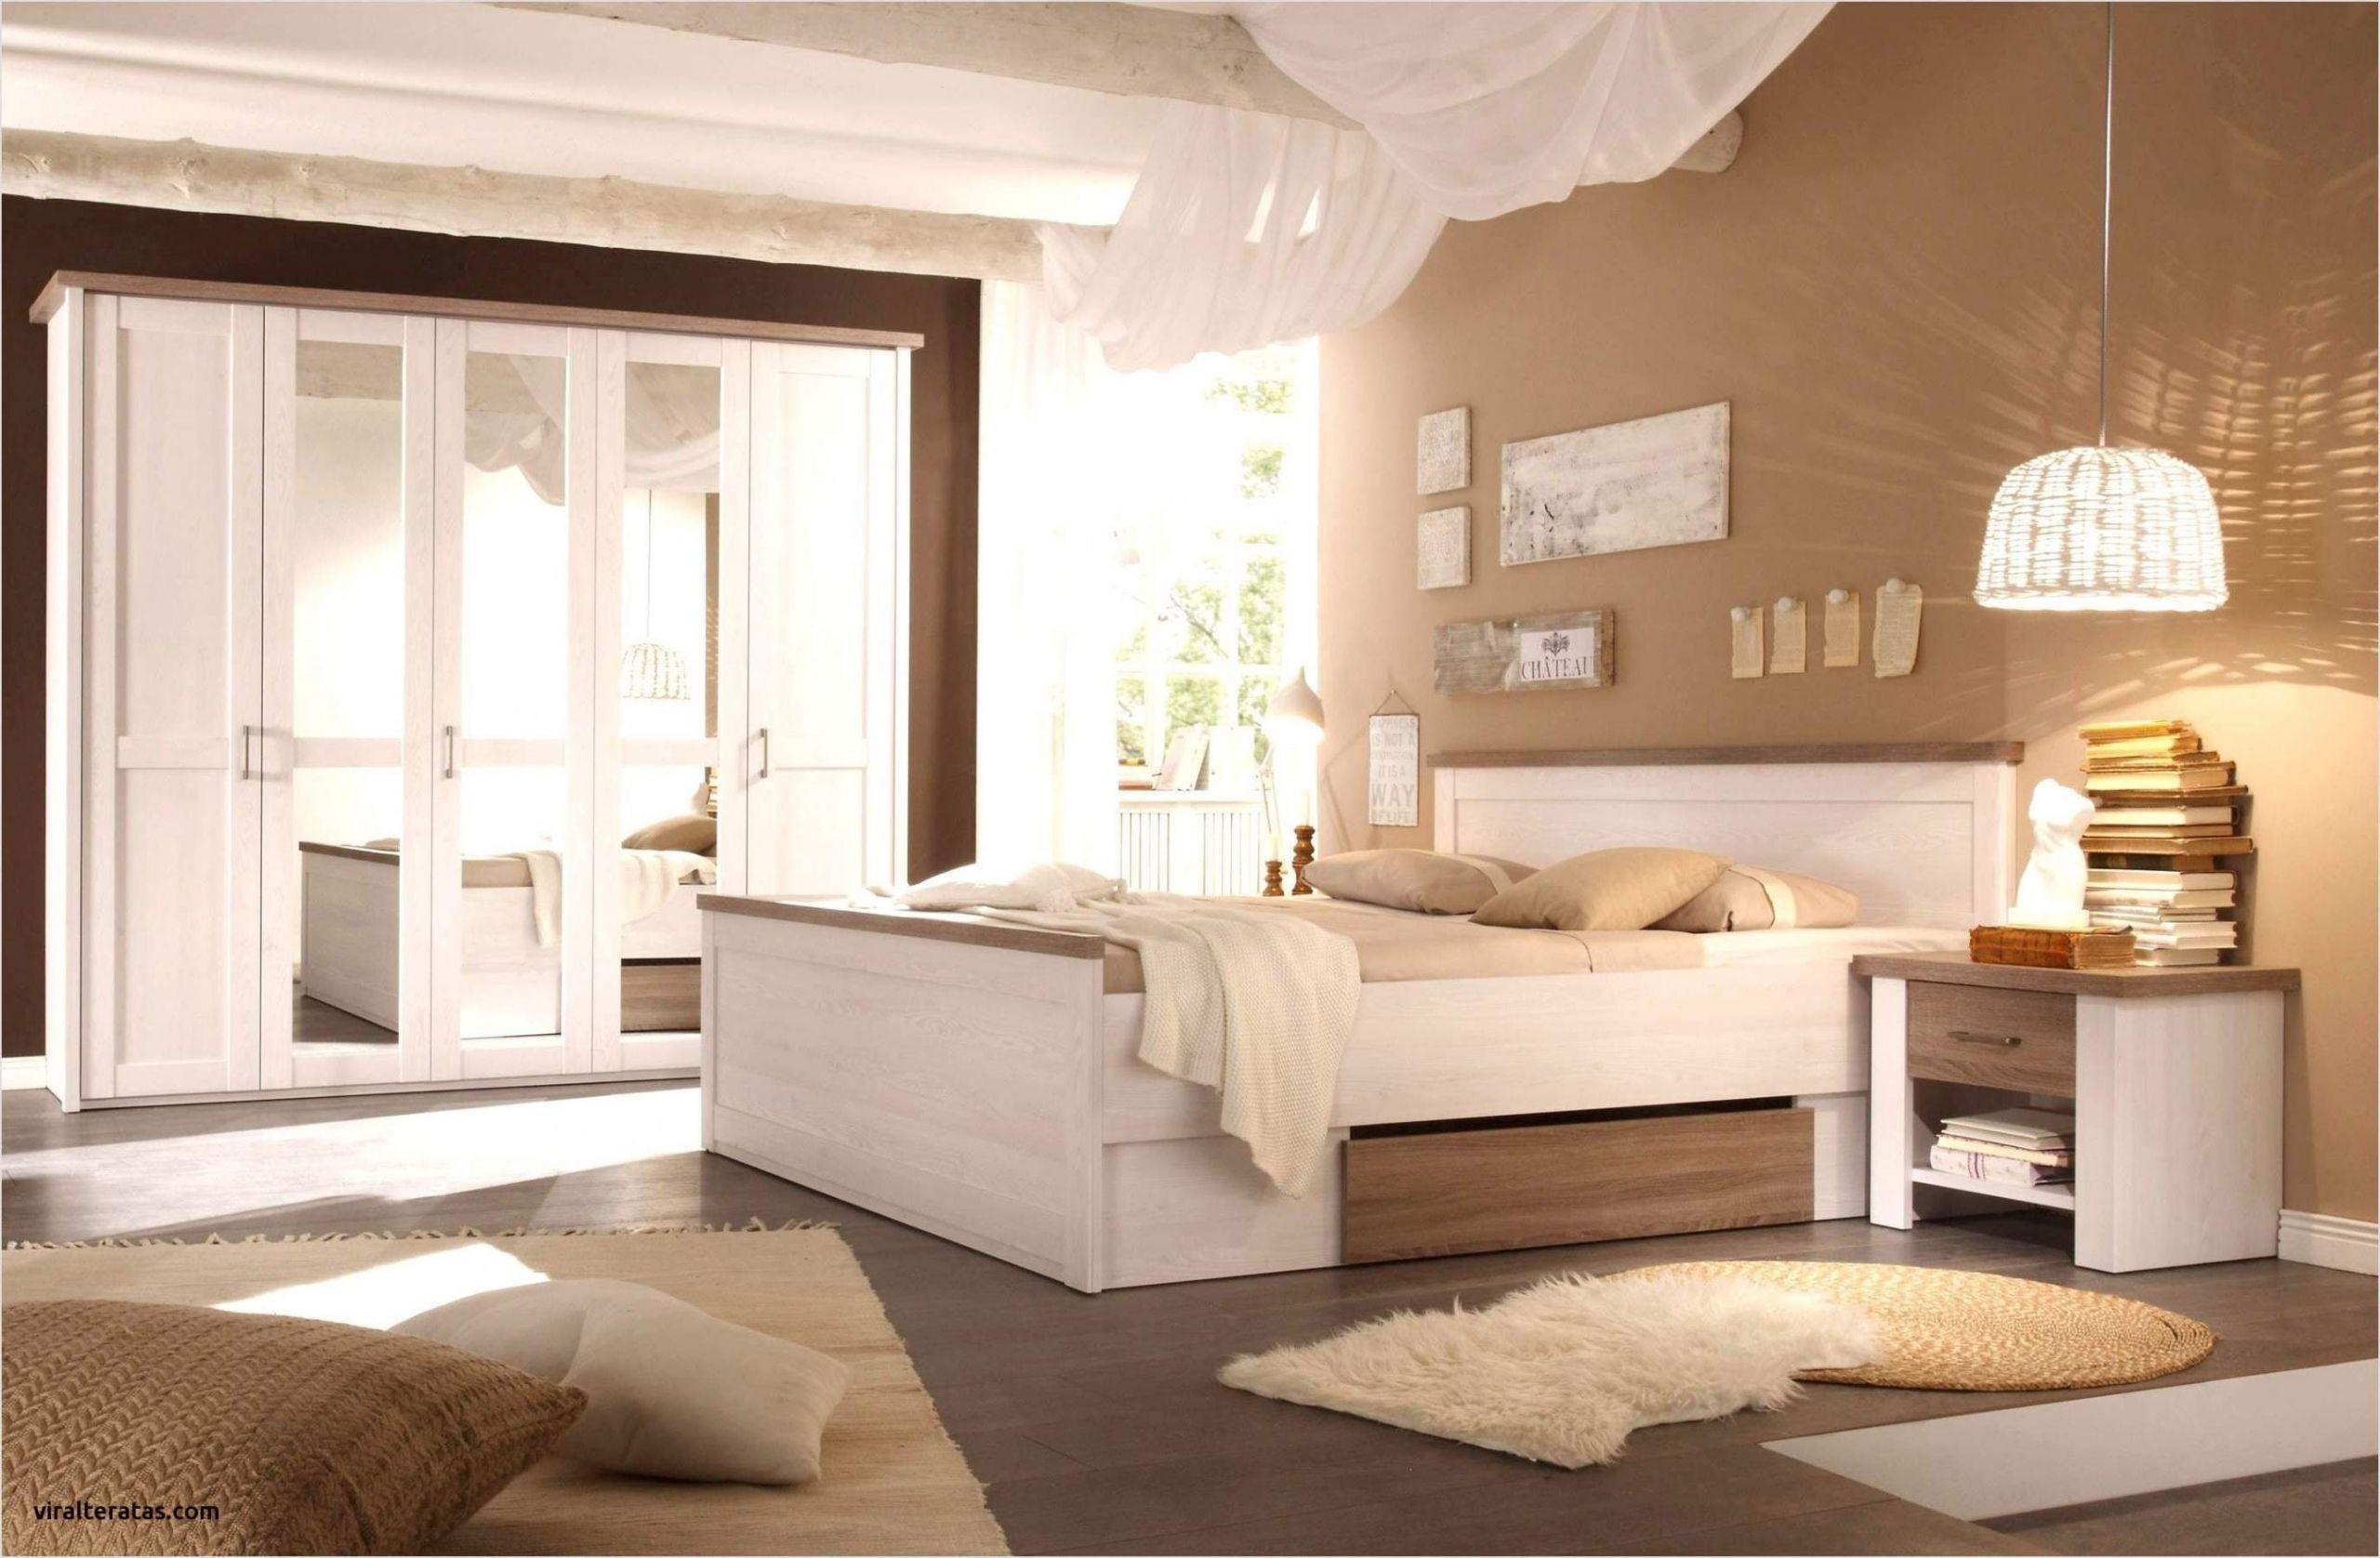 Full Size of Moderne Tapeten Fr Wohnzimmer Elegant Schlafzimmer Mit überbau Kommode Regal Klimagerät Für Komplett Massivholz Landhausstil Wiemann Weiß Vorhänge Teppich Wohnzimmer Schlafzimmer Tapeten